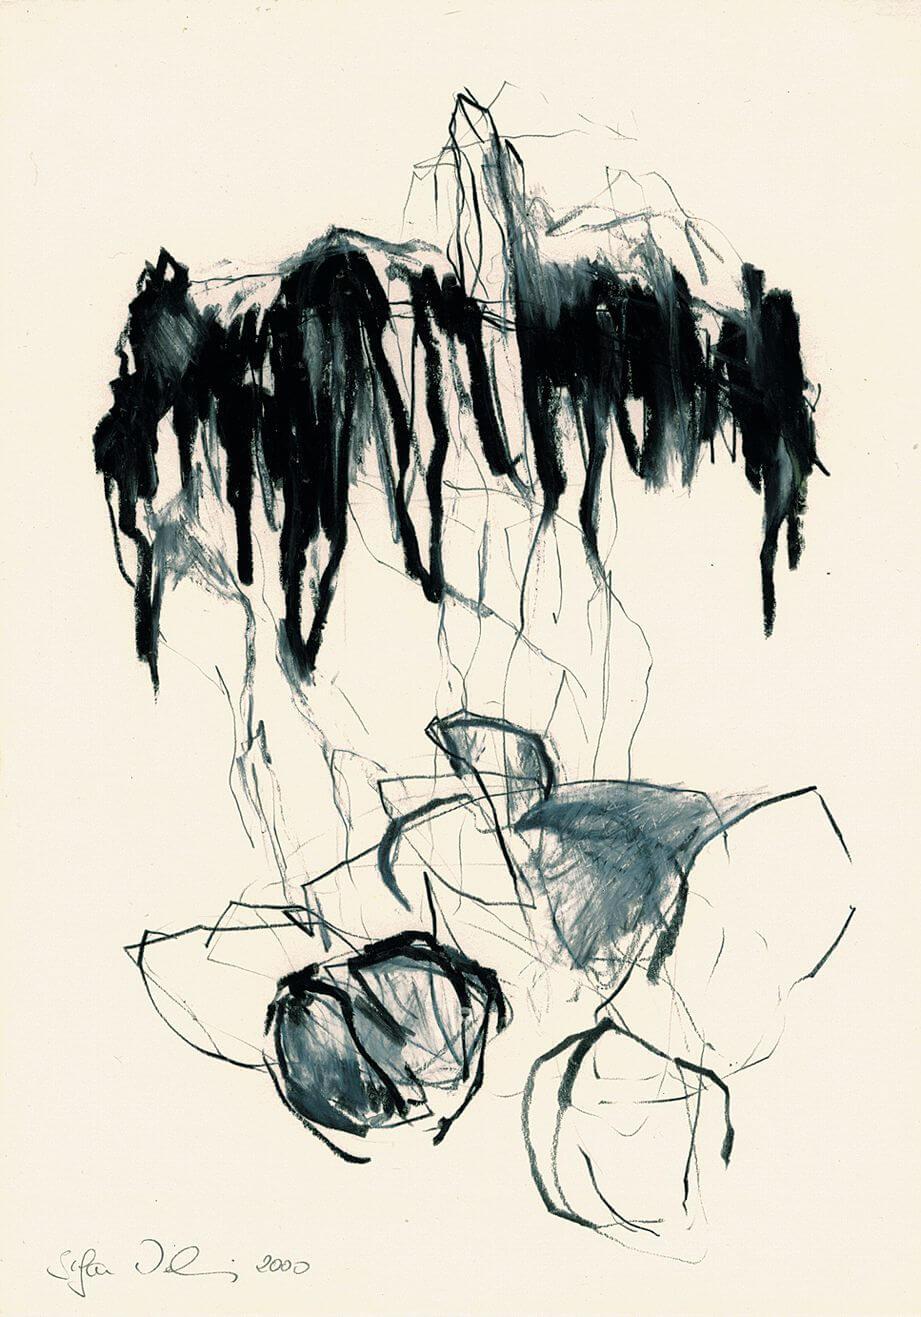 Landstriche, 2002 - Zeichnung von Stefan Wehmeier